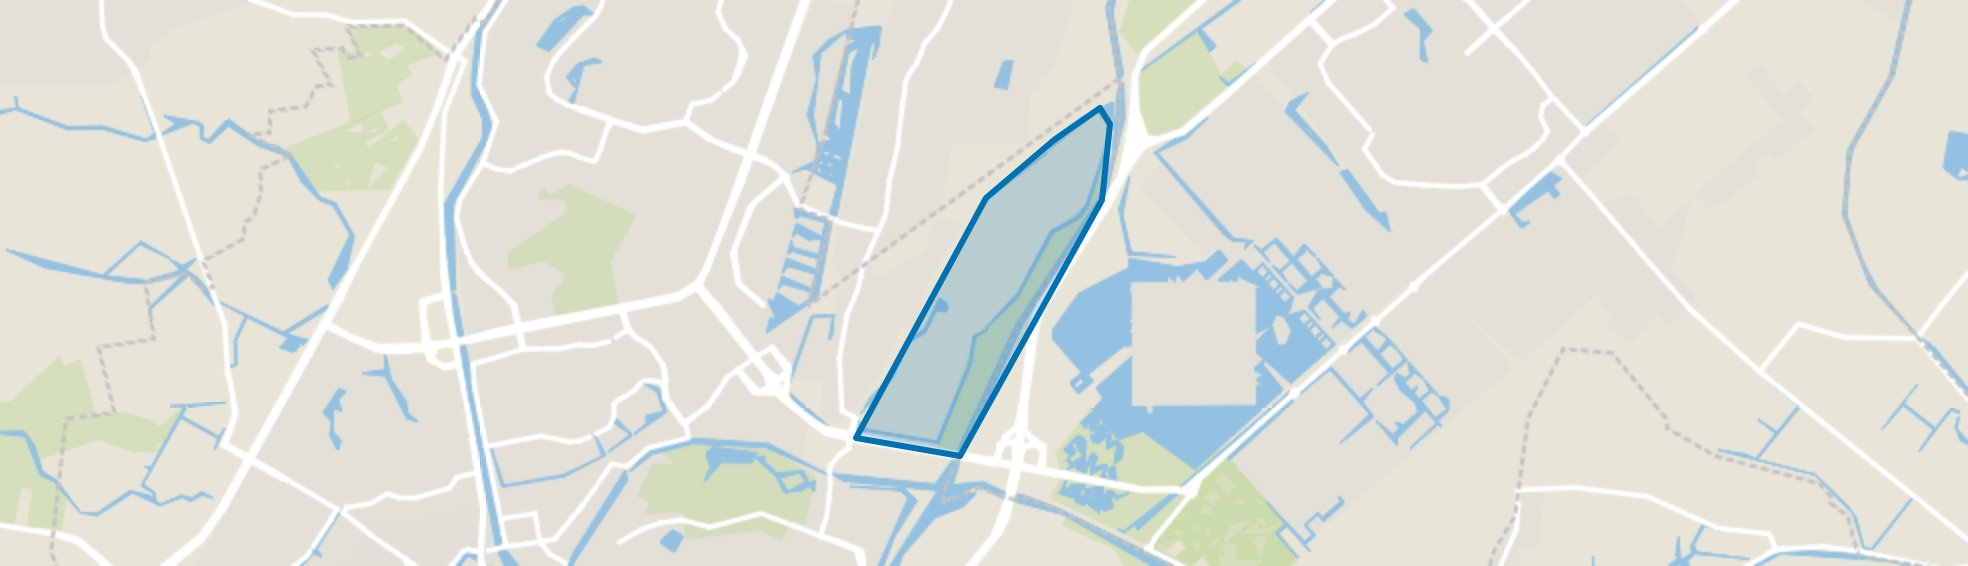 Beverkoog, Alkmaar map